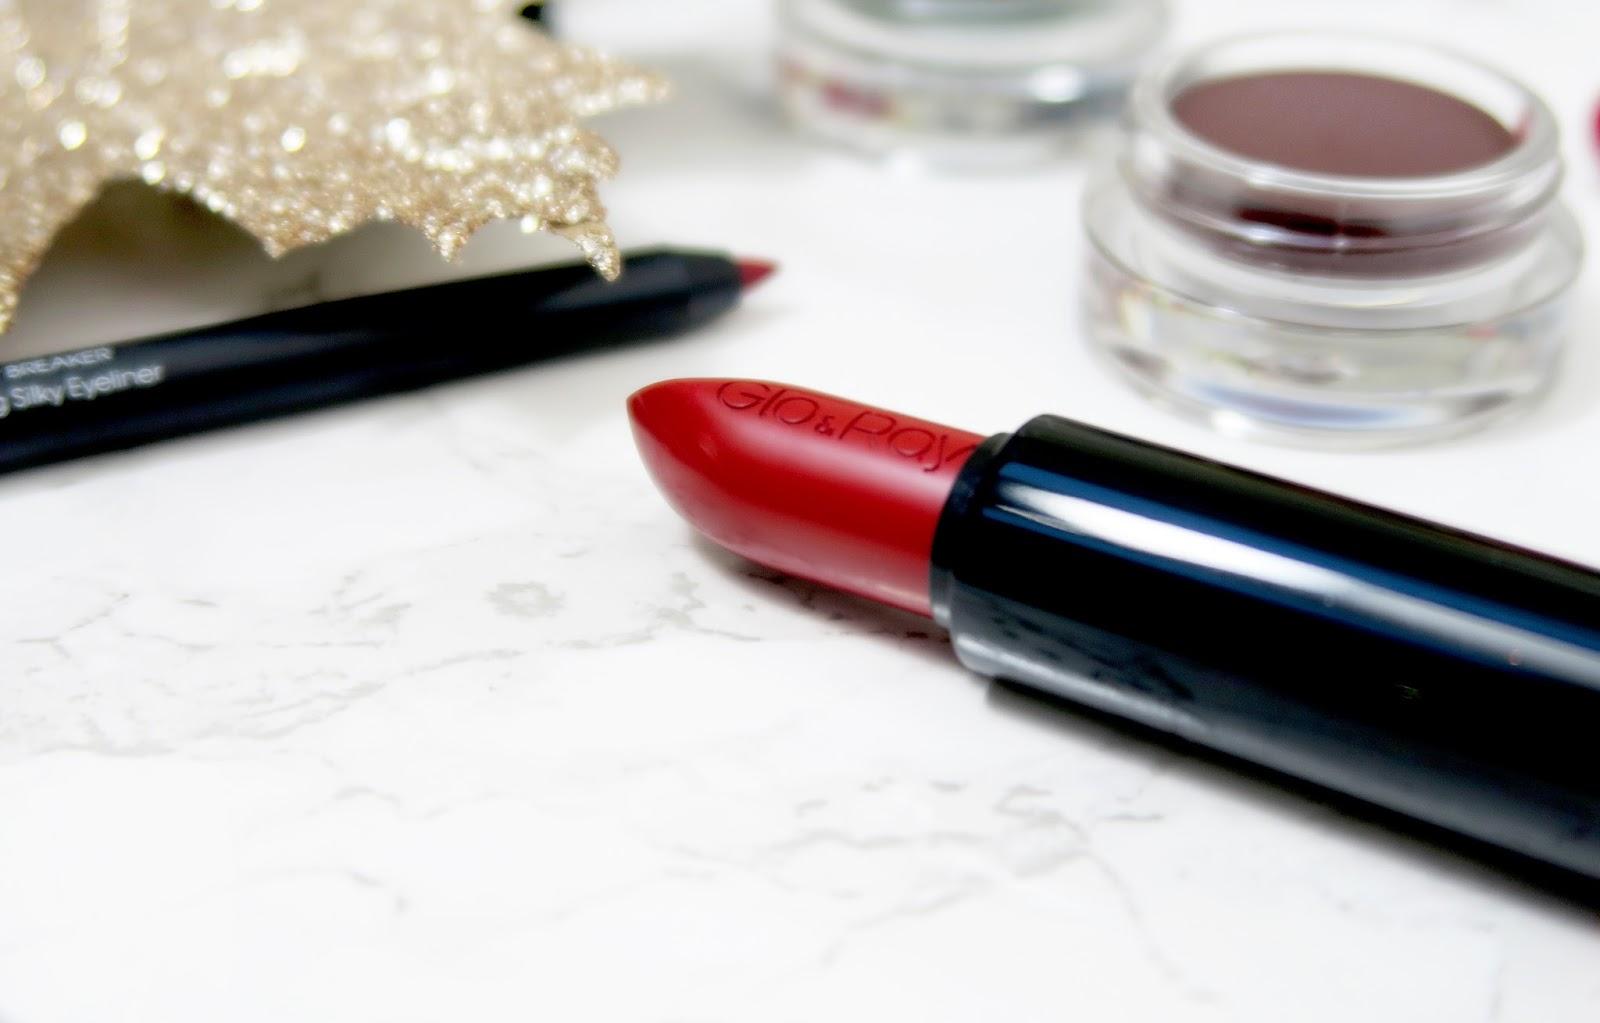 an image of Glo & Ray La Amo Creamy Shimmer Lip Colour in Seduce